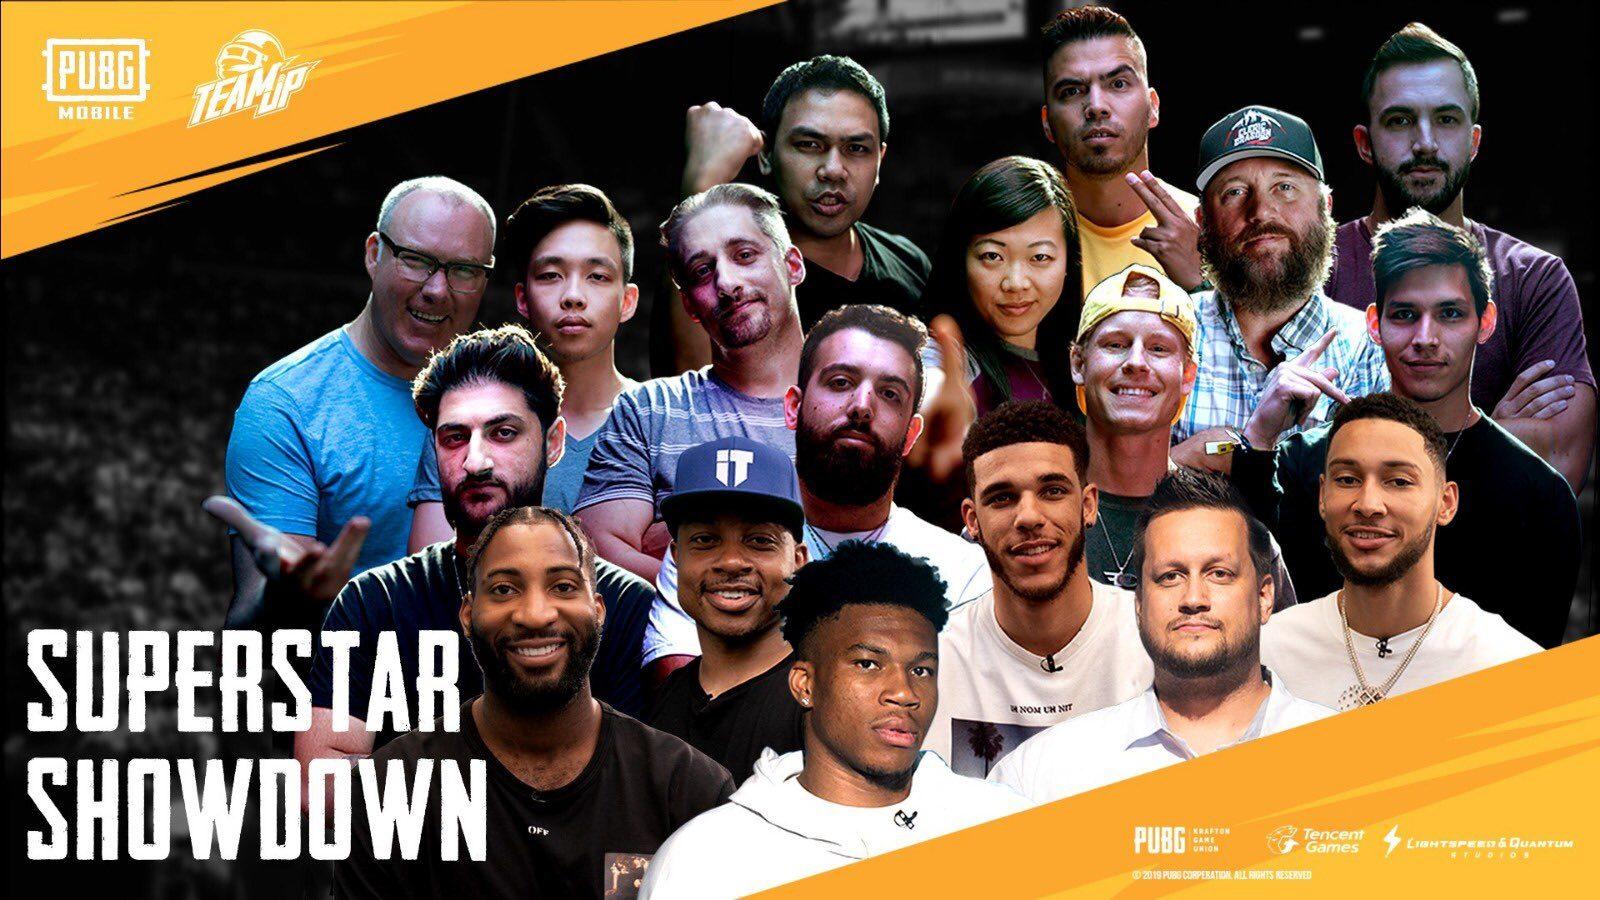 PUBG Mobile Superstar Showdown mit professionellen Basketballspielern, Mitgliedern des Faze Clans und mehr 1